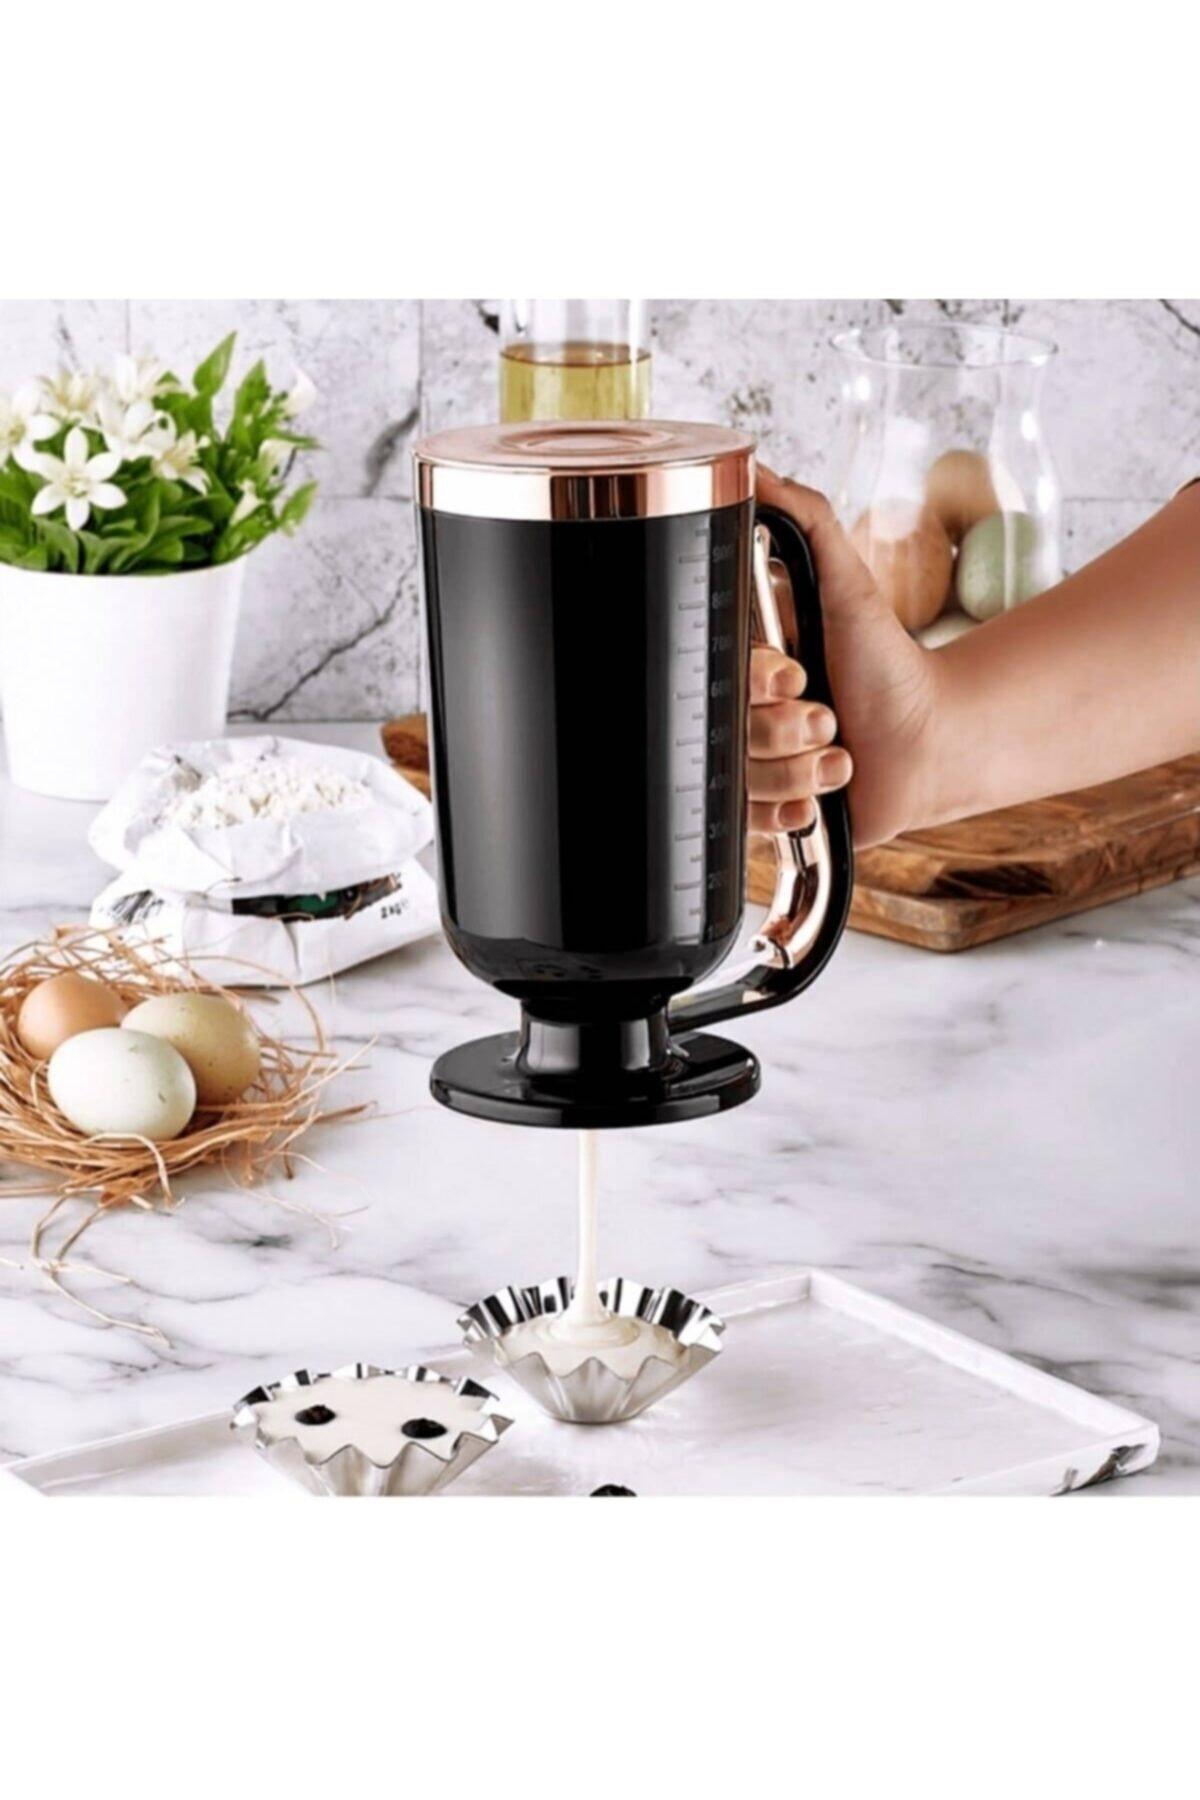 موزع فطائر العجين الشفاف ، لوازم يدوية ، أواني المطبخ ، هدايا تذكارية عالية الجودة ، لمهرجانات الربيع 2021